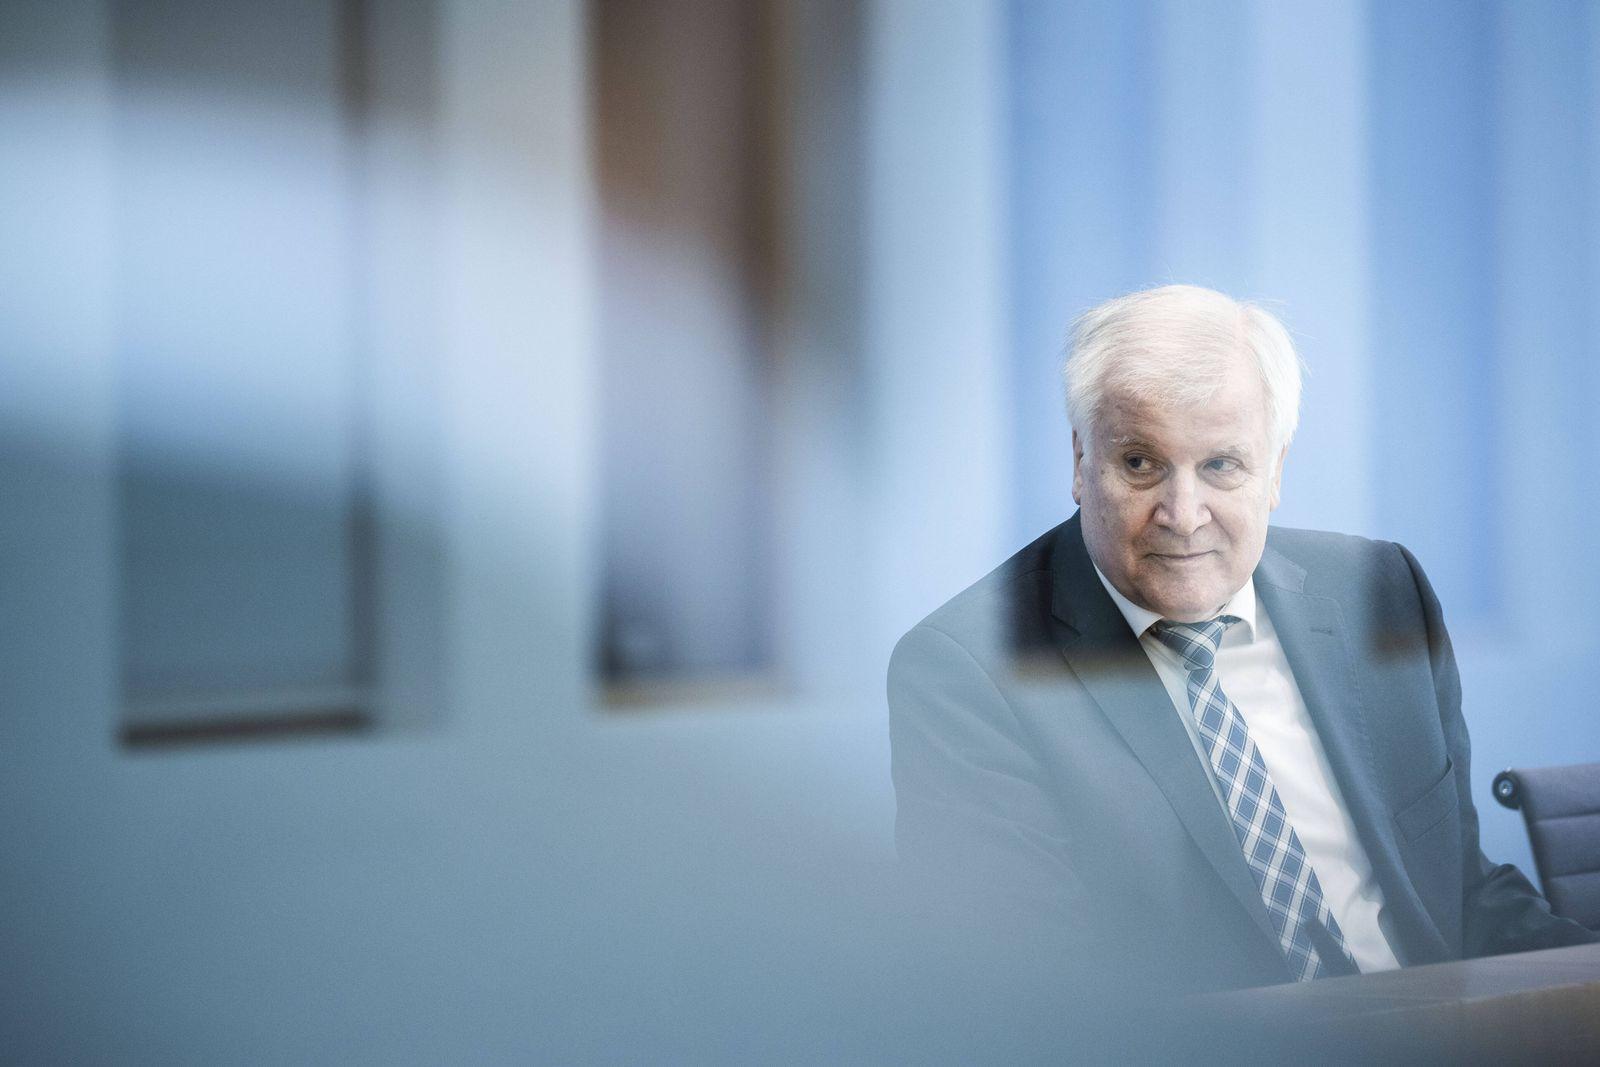 Horst Seehofer, Bundesinnenminister, aufgenommen im Rahmen der Vorstellung des Verfassungsschutzberichtes 2020 in der B